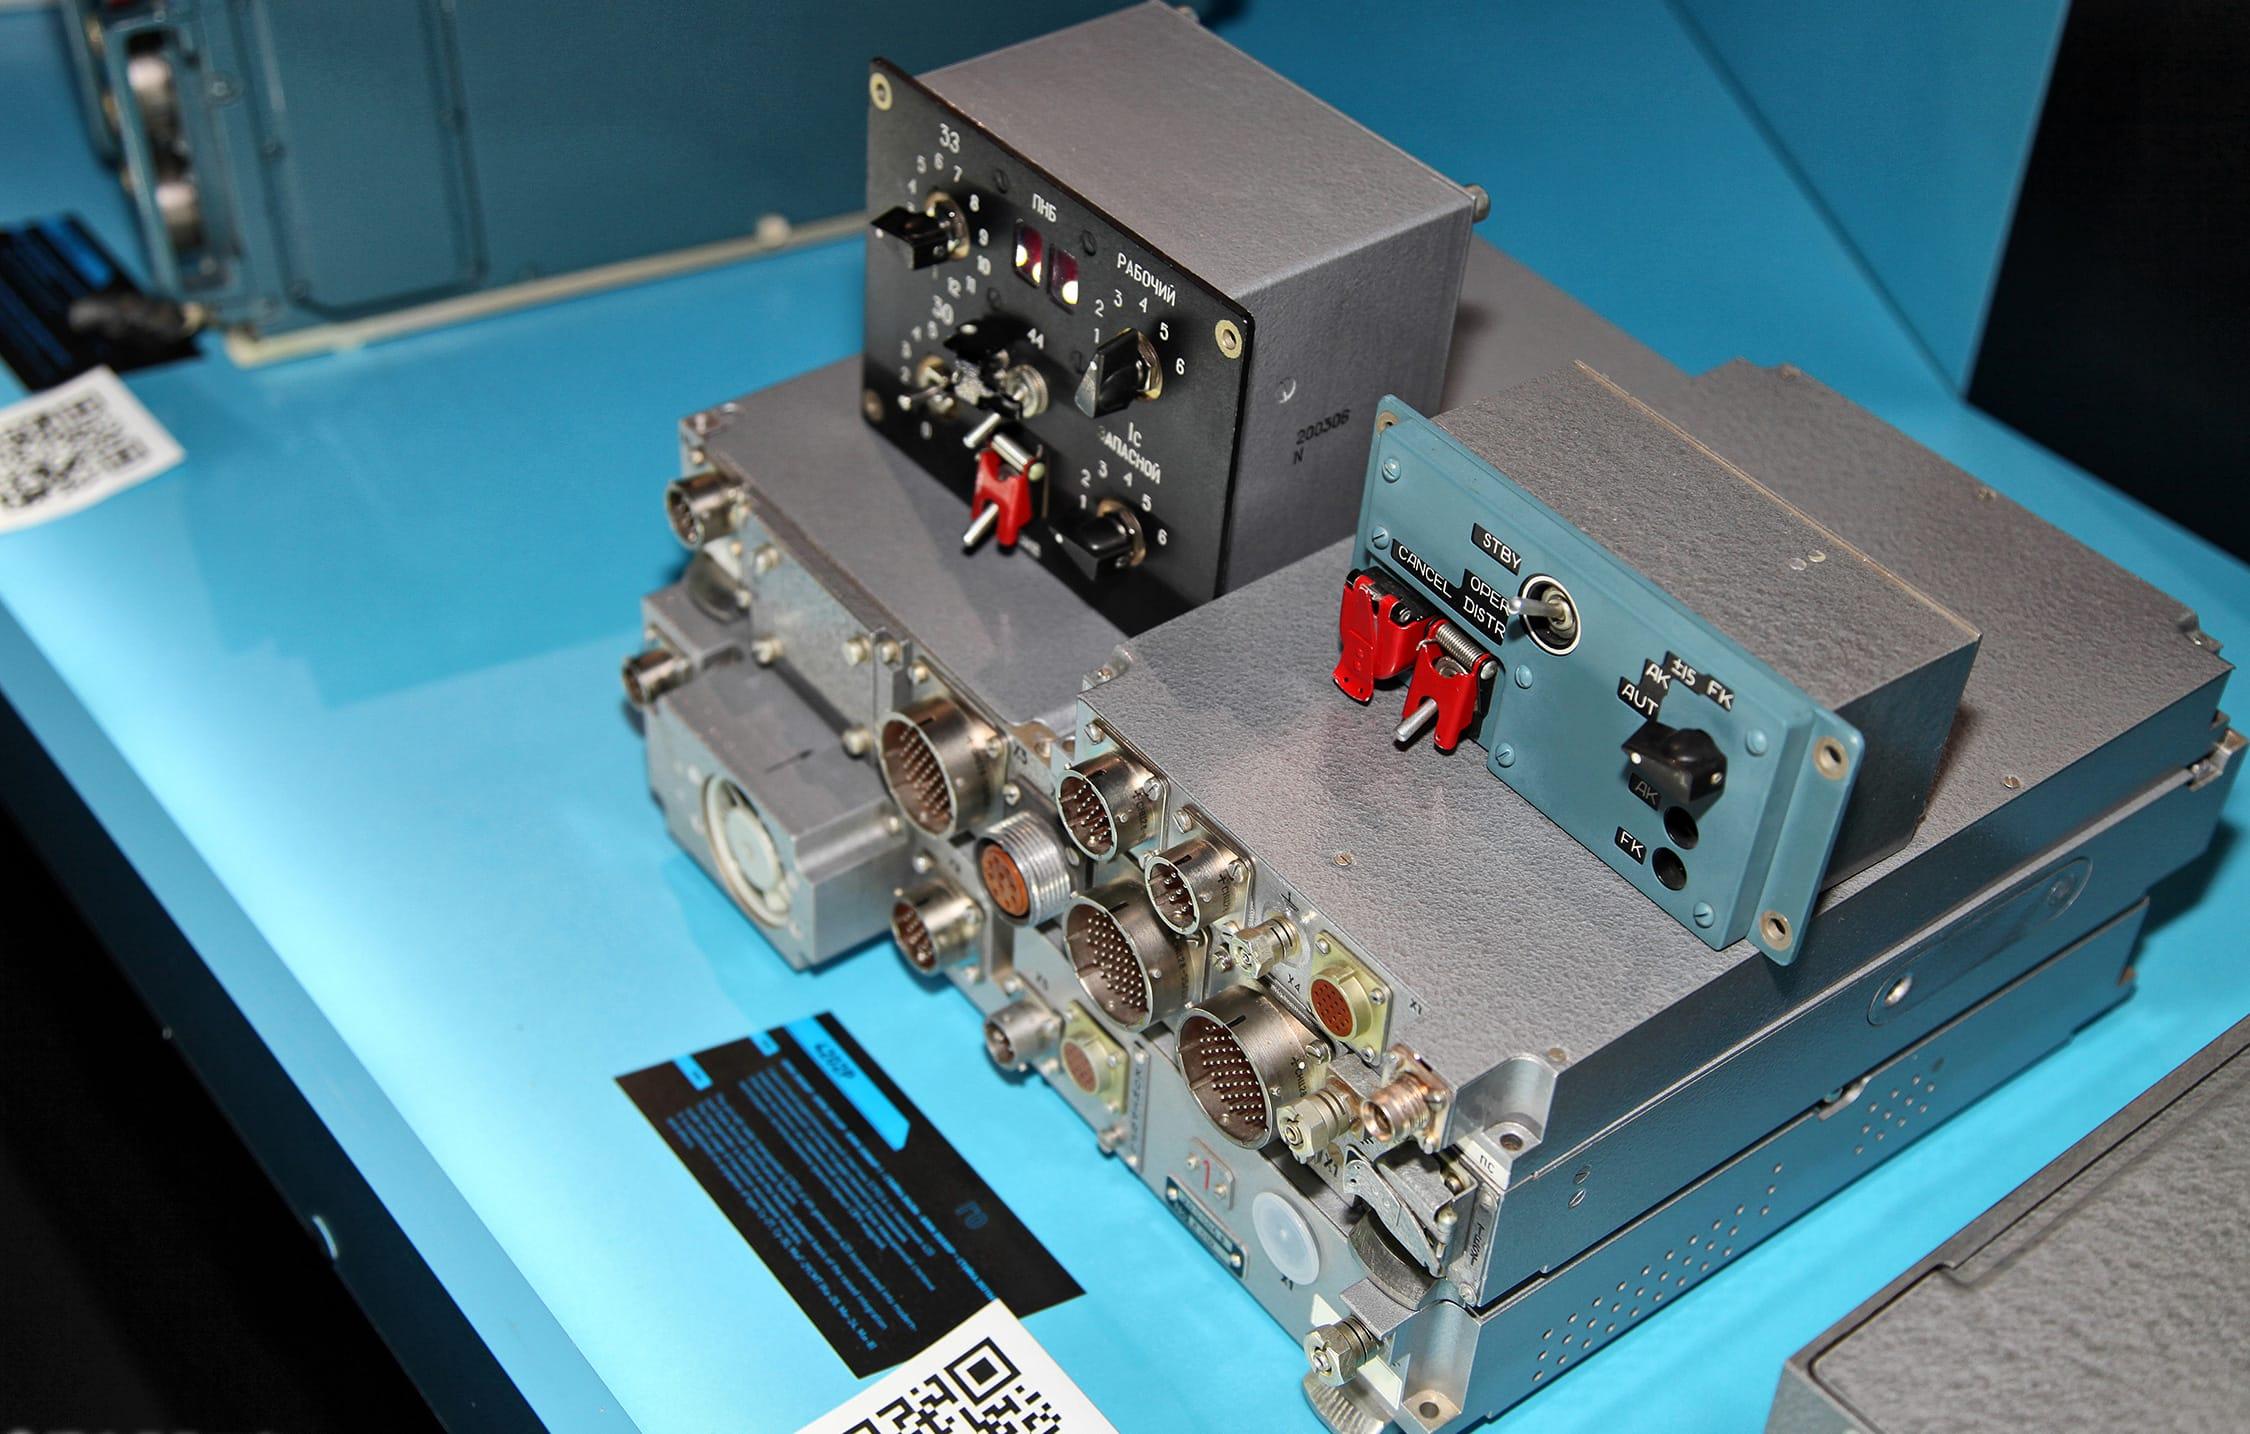 Бортовой приёмопередающий радиолокационный ответчик 4202Р повышенной мощности. Подобные устройства требует хирургическому подходу к вызовам ЭМС. Фото - Виталий В. Кузмин.